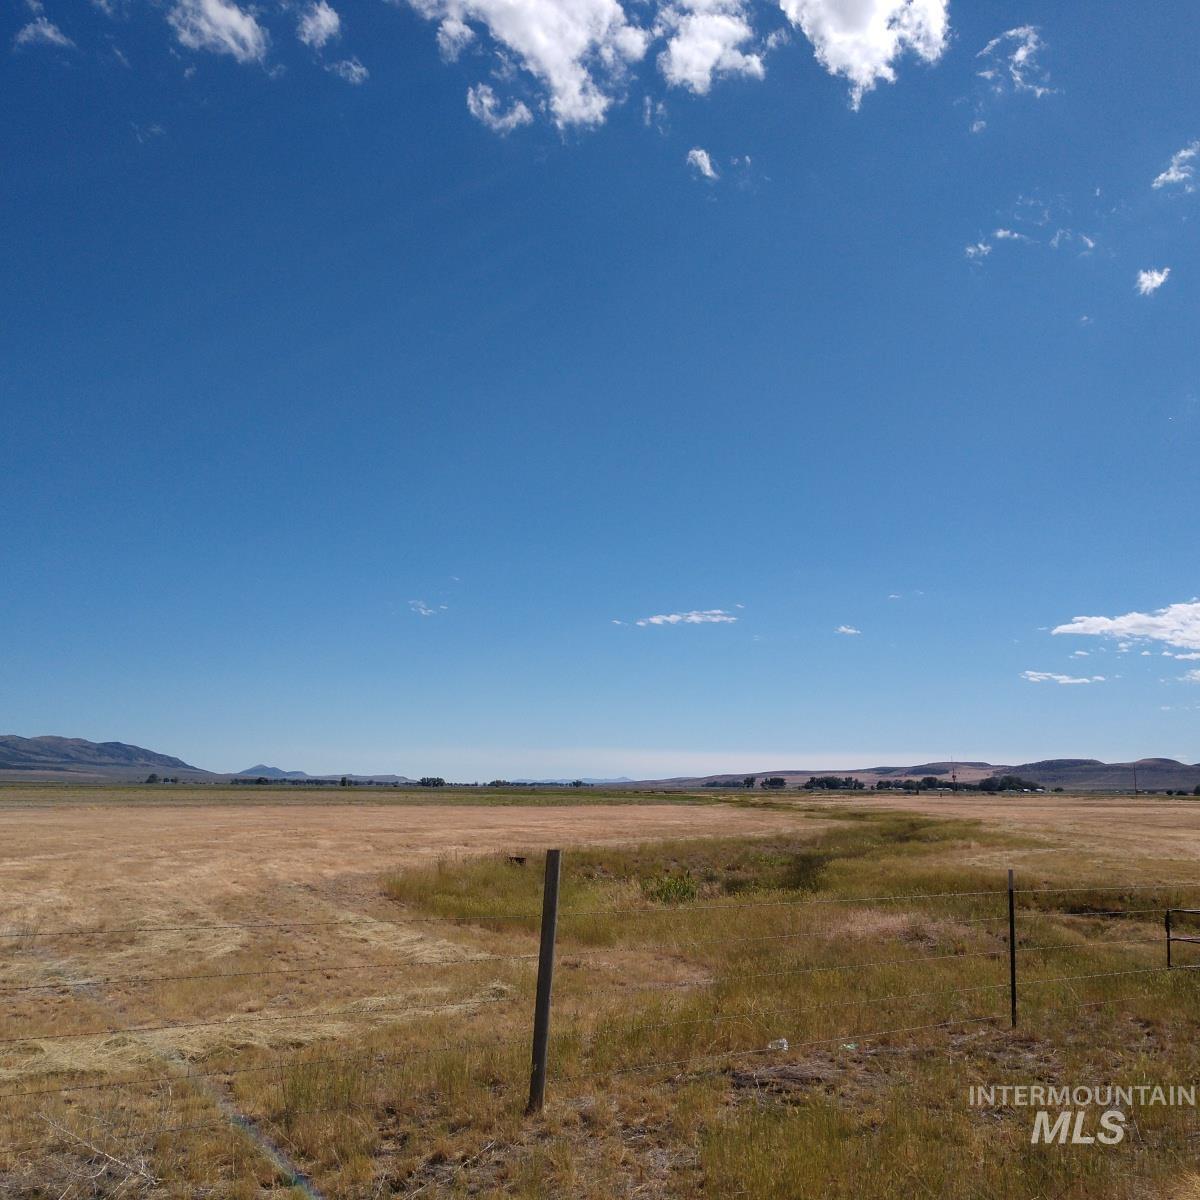 Tbd W 10500 S Property Photo